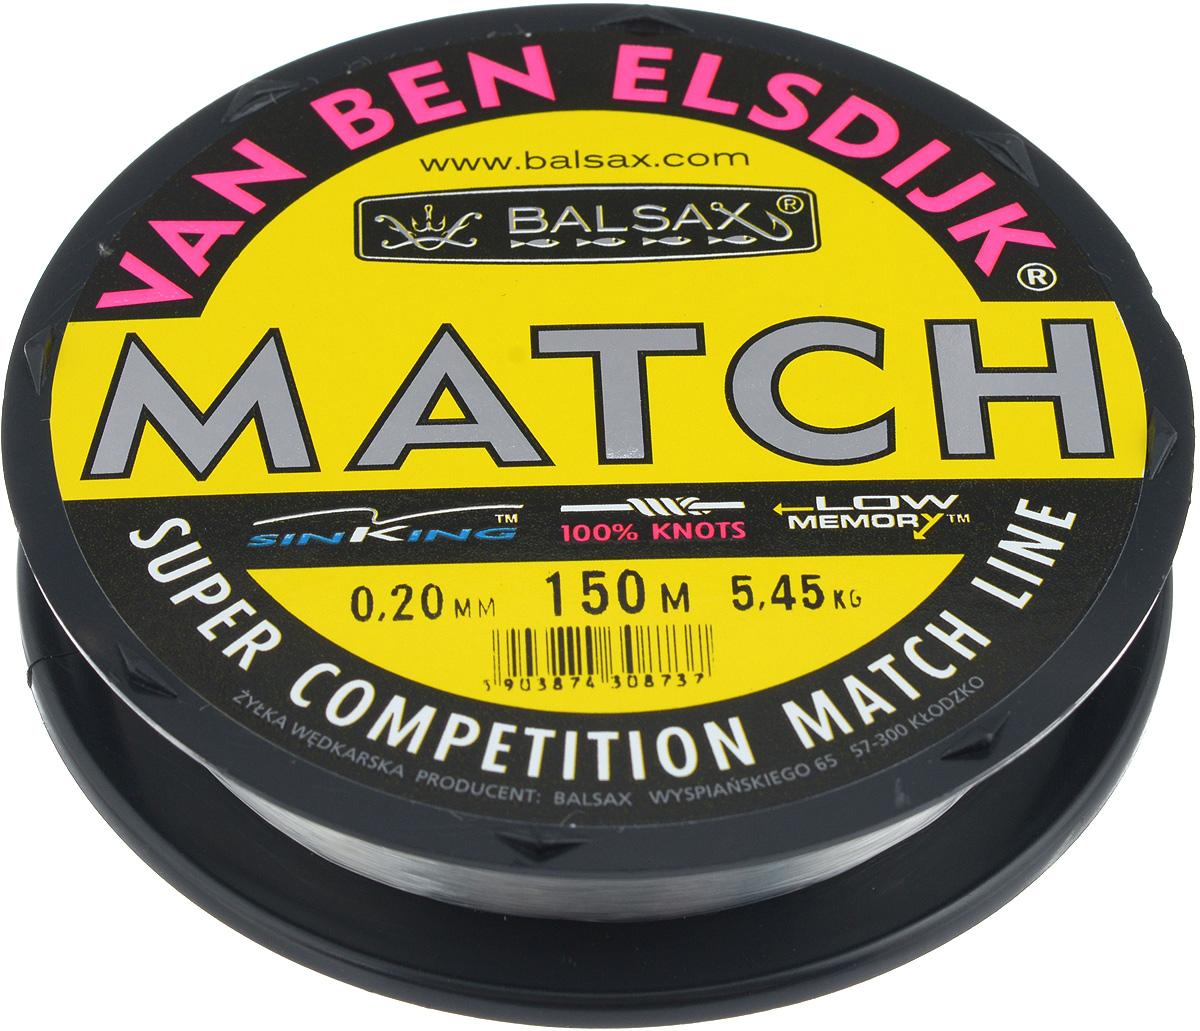 Леска Balsax Match VBE, 150 м, 0,20 мм, 5,45 кг59281Опытным спортсменам, участвующим в соревнованиях, нужна надежная леска, в которой можно быть уверенным в любой ситуации. Леска Balsax Match VBE отличается замечательной прочностью на узле и высокой сопротивляемостью к истиранию. Она была проверена на склонность к остаточным деформациям, чтобы убедиться в том, что она обладает наиболее подходящей растяжимостью, отвечая самым строгим требованиям рыболовов. Такая леска отлично подходит как для спортивного, так и для любительского рыболовства.